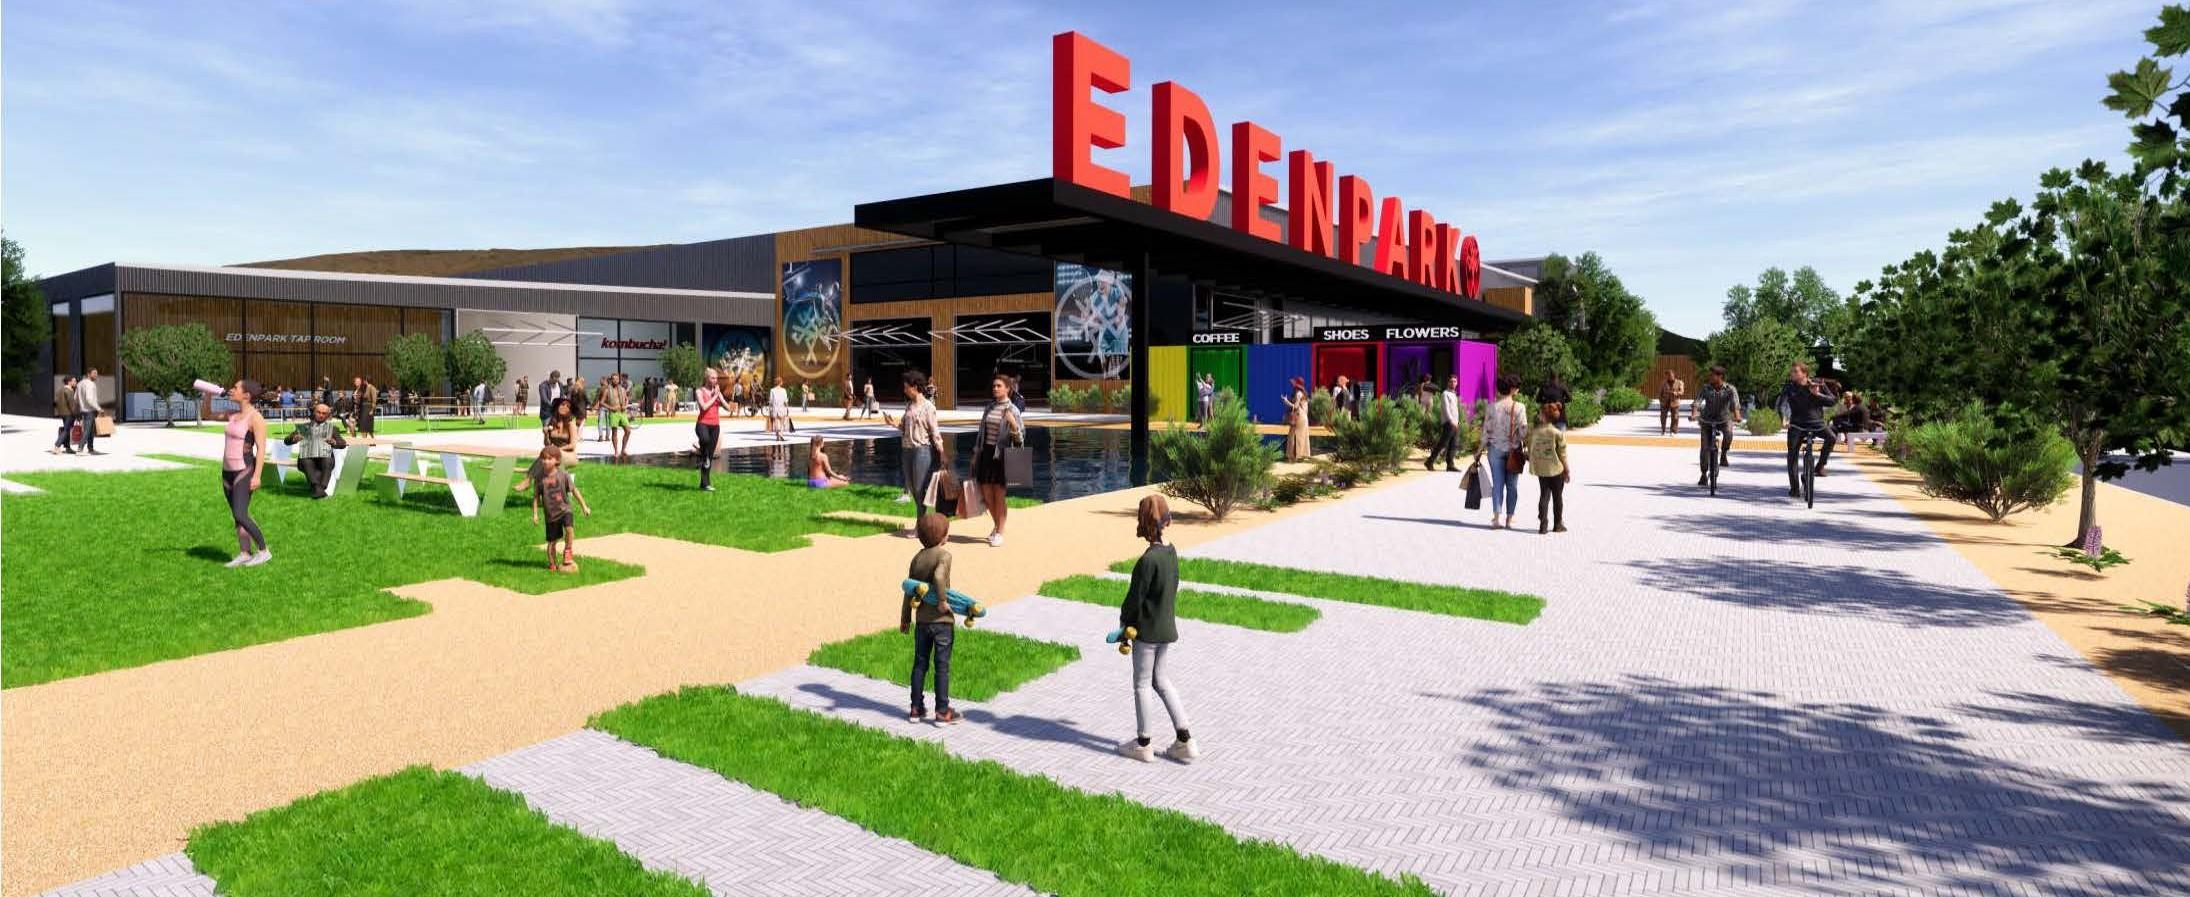 EdenPark